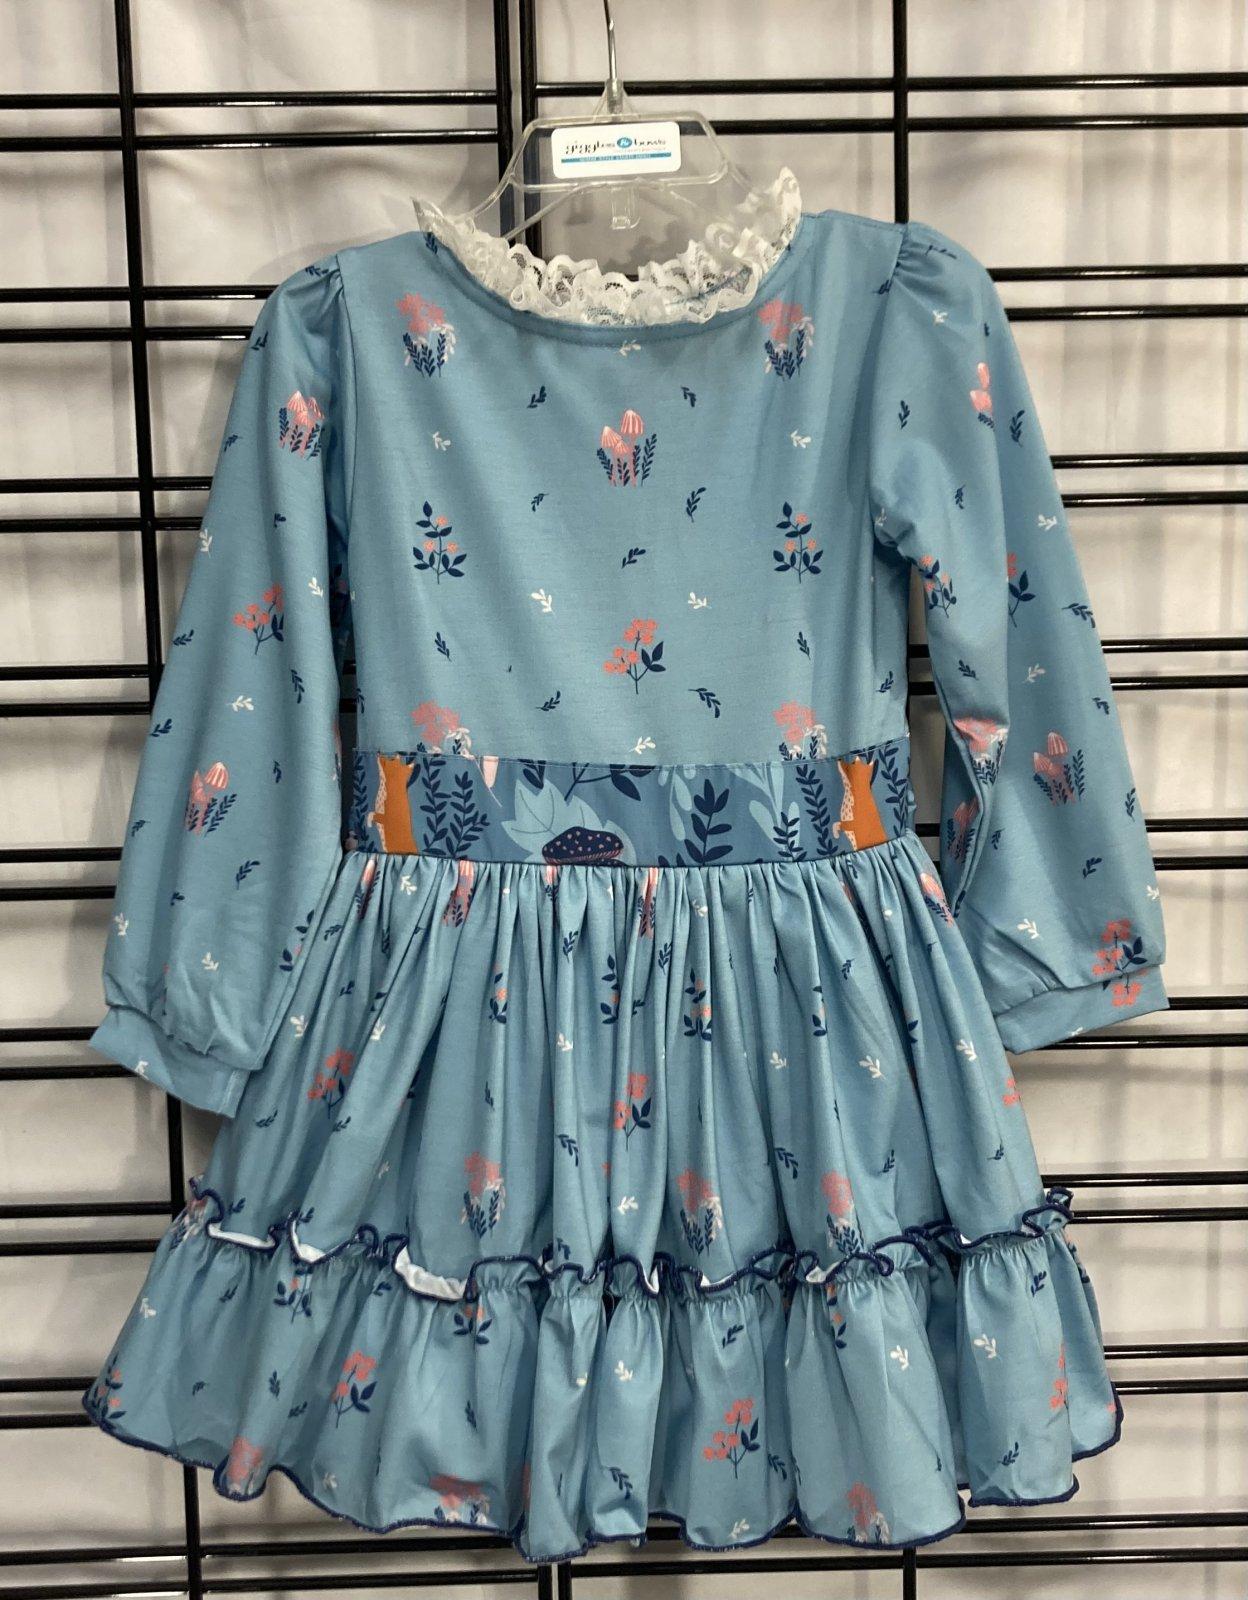 BE GIRL CLOTHING - Harper dress